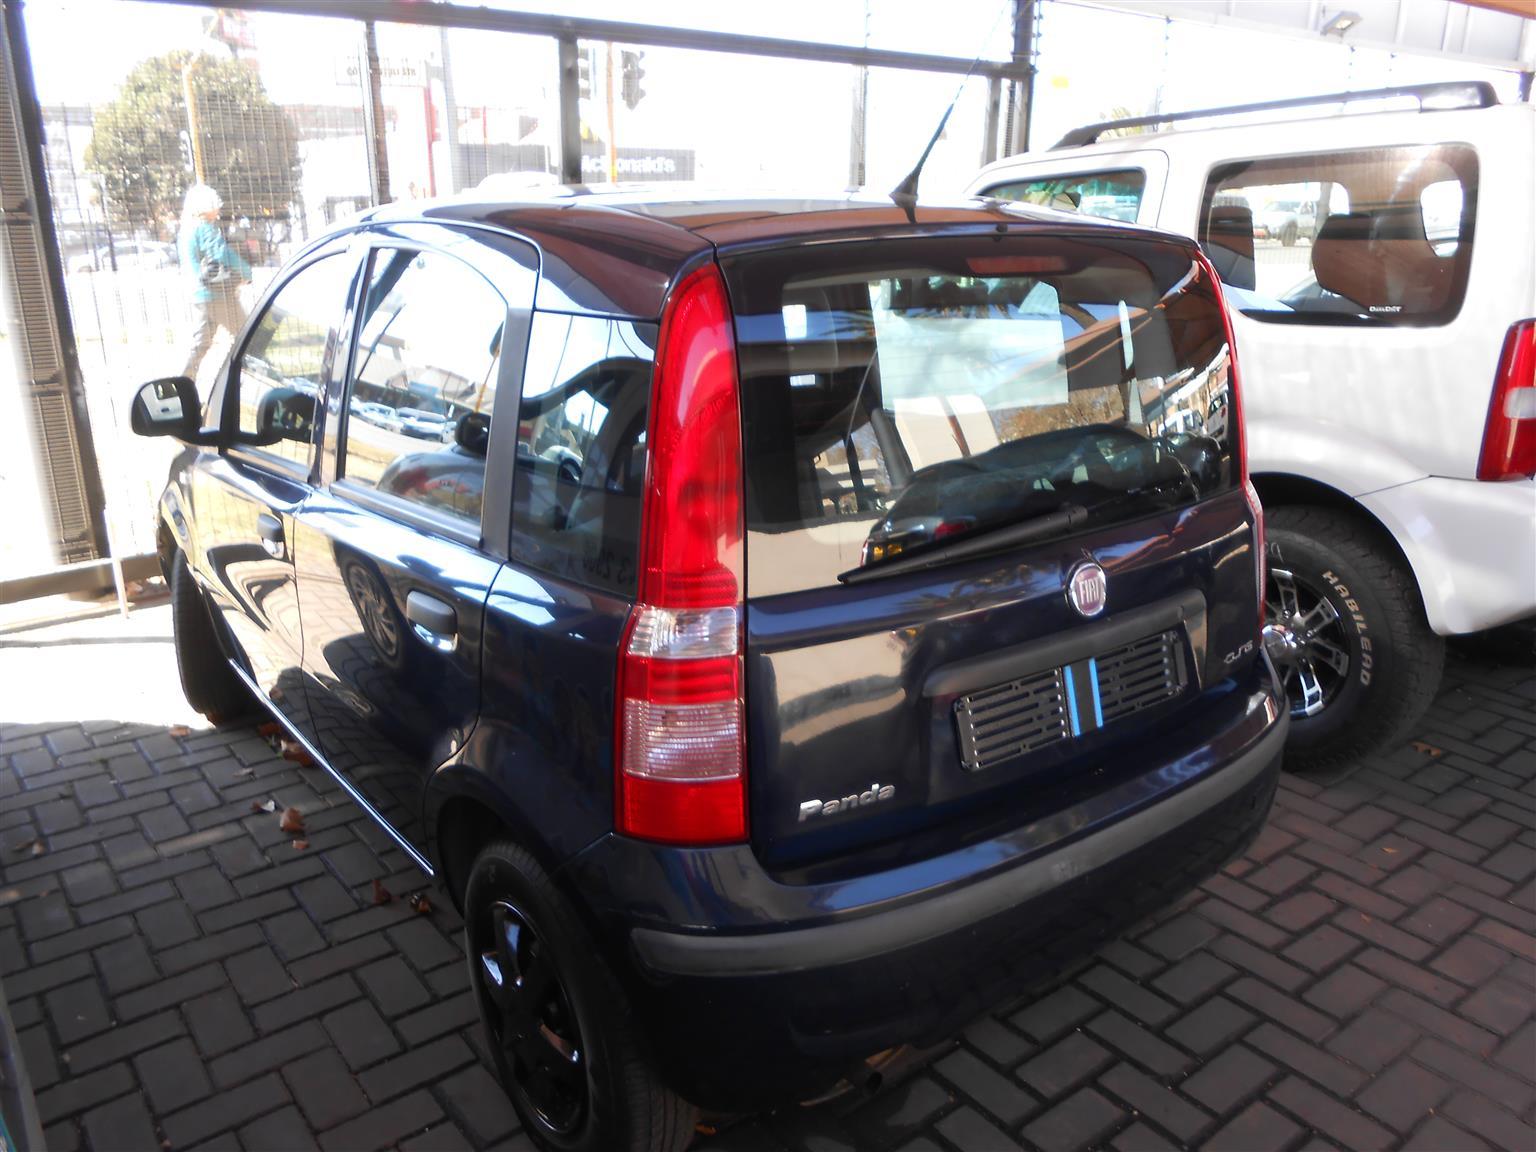 2012 Fiat Panda 1.2 Young